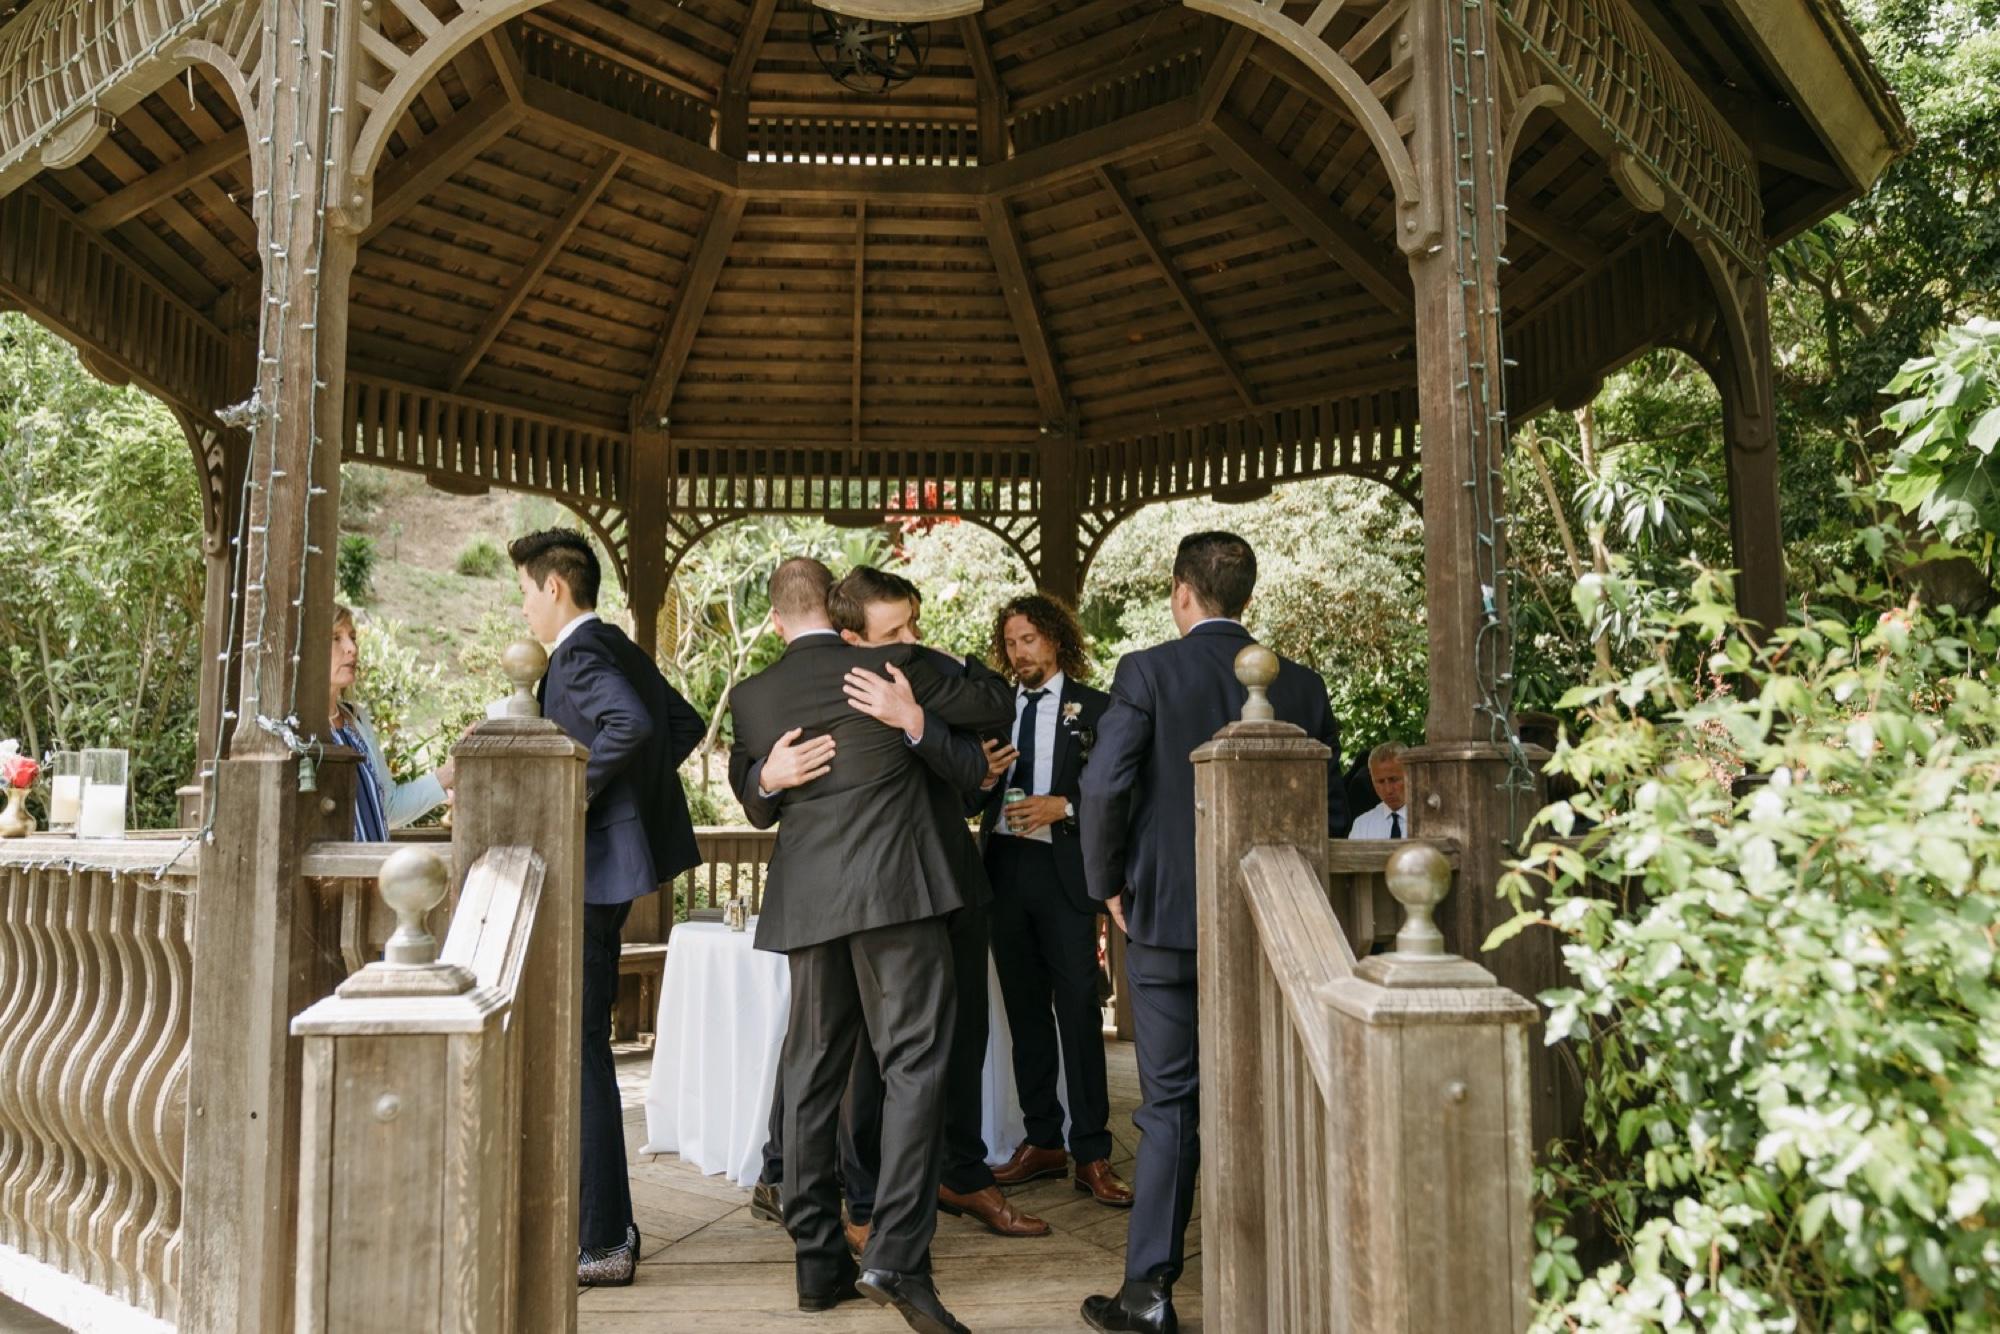 006_Shawna and Steve's Wedding-68.jpg